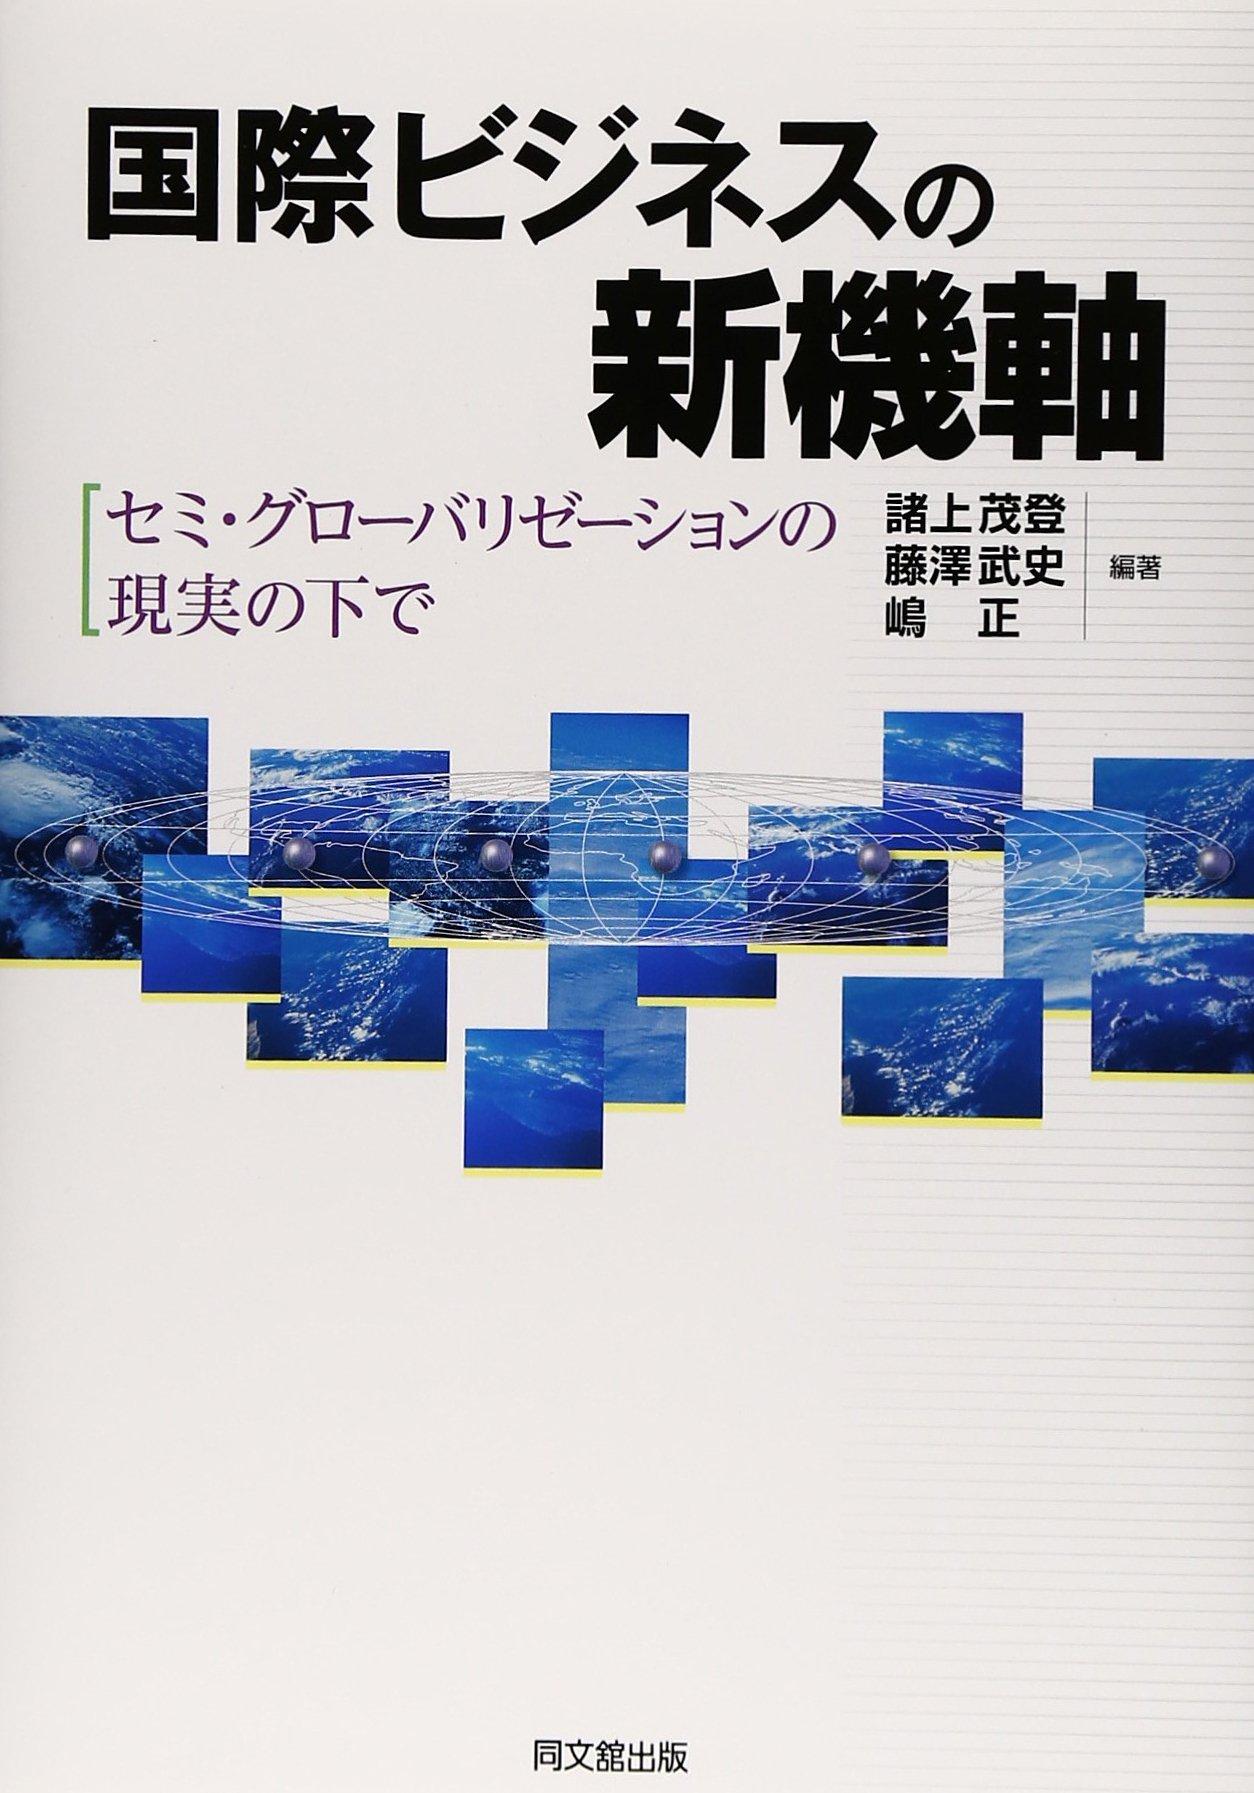 諸上茂登 (明治大学)藤澤武史 (関西学院大学)嶋 正 (日本大学) 編著 『国際ビジネスの新機軸―セミ・グローバリゼーションの現実の下で』